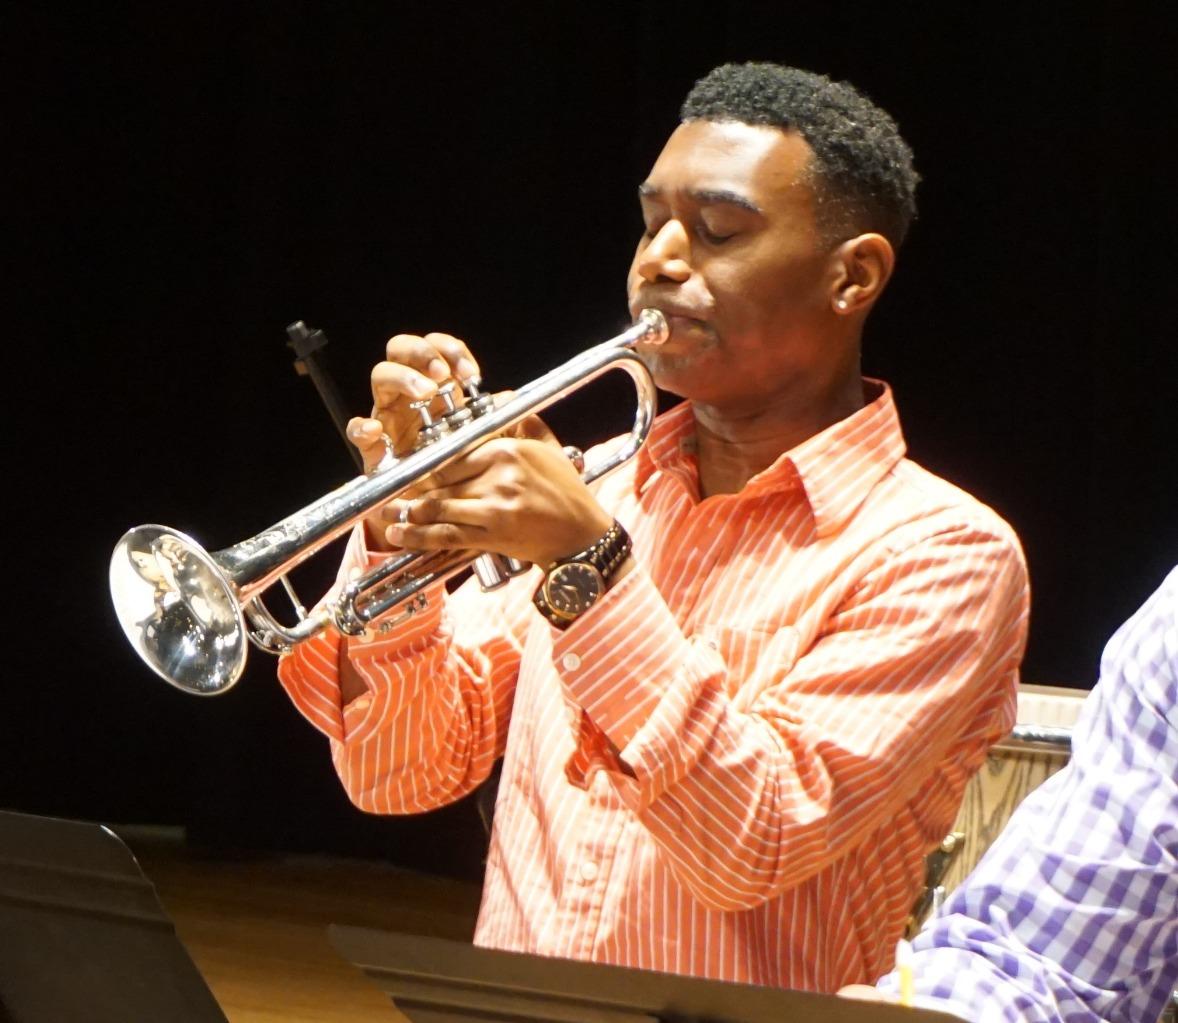 Randall Haywood on trumpet